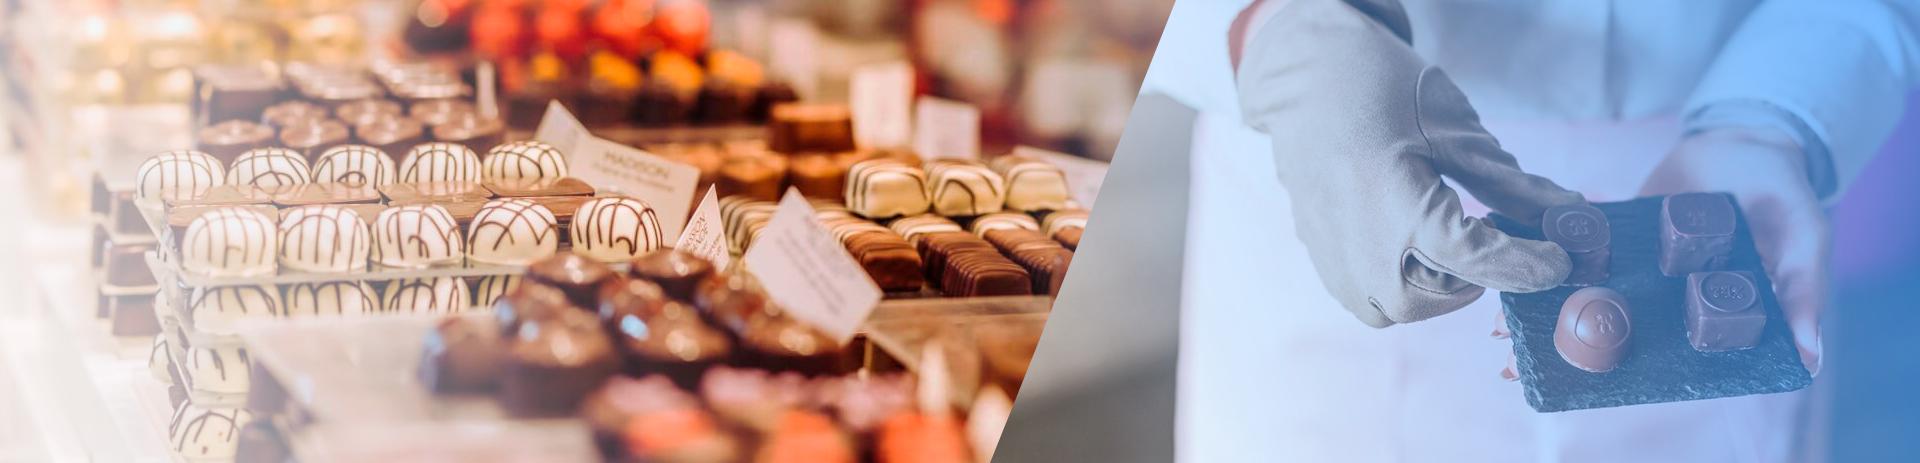 Дегустация шоколада – оплачиваемая работа